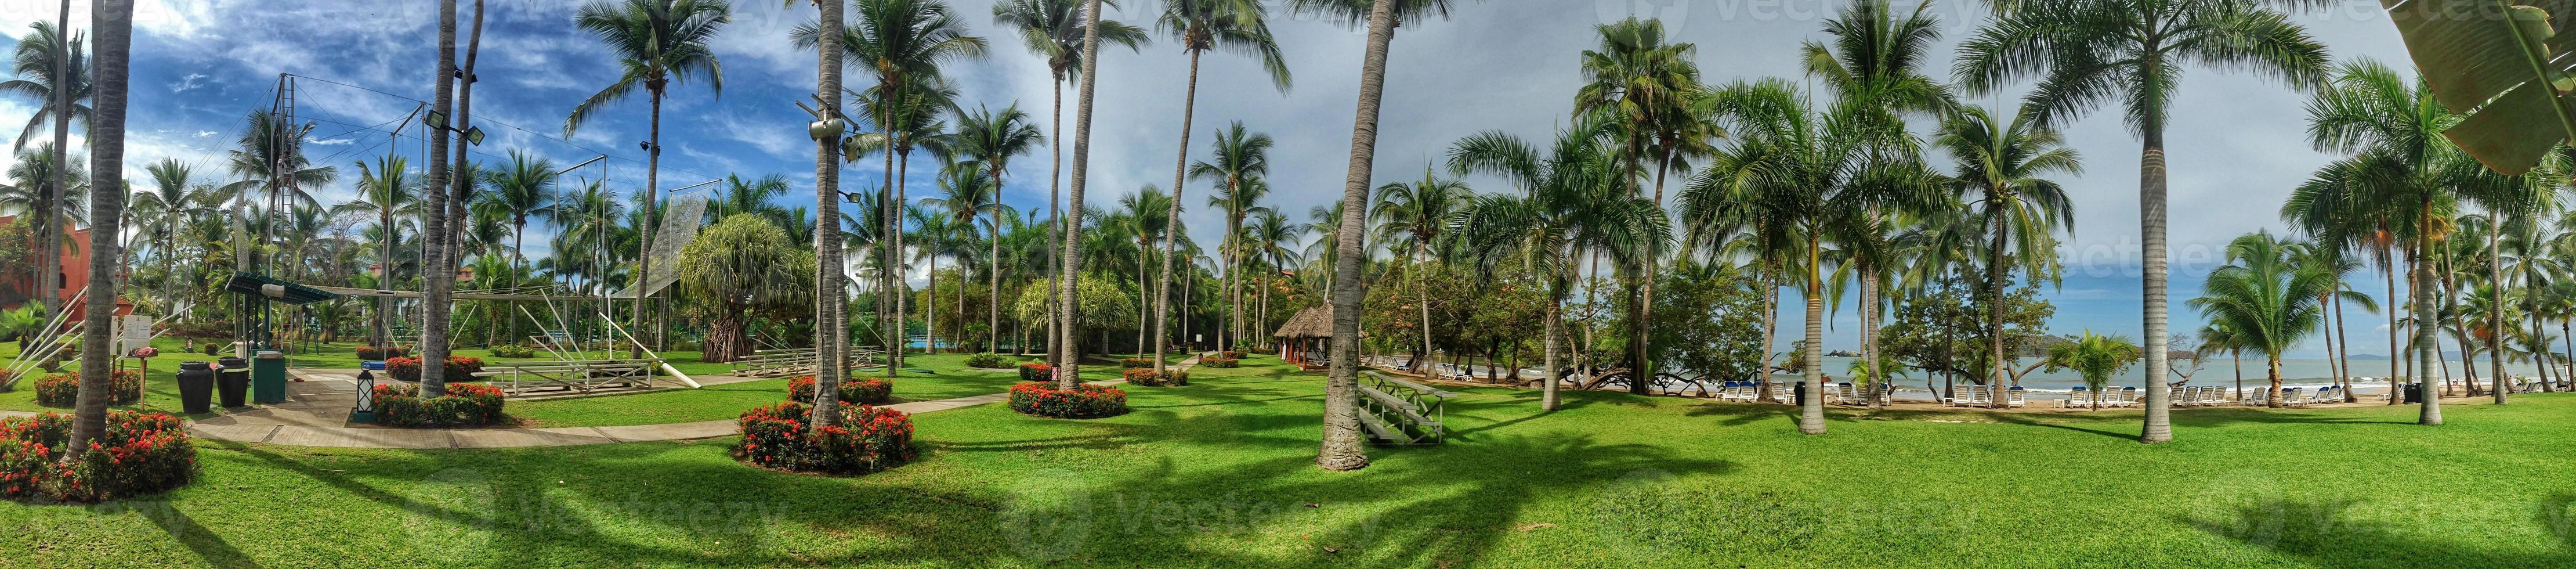 panorama de um resort mexicano foto